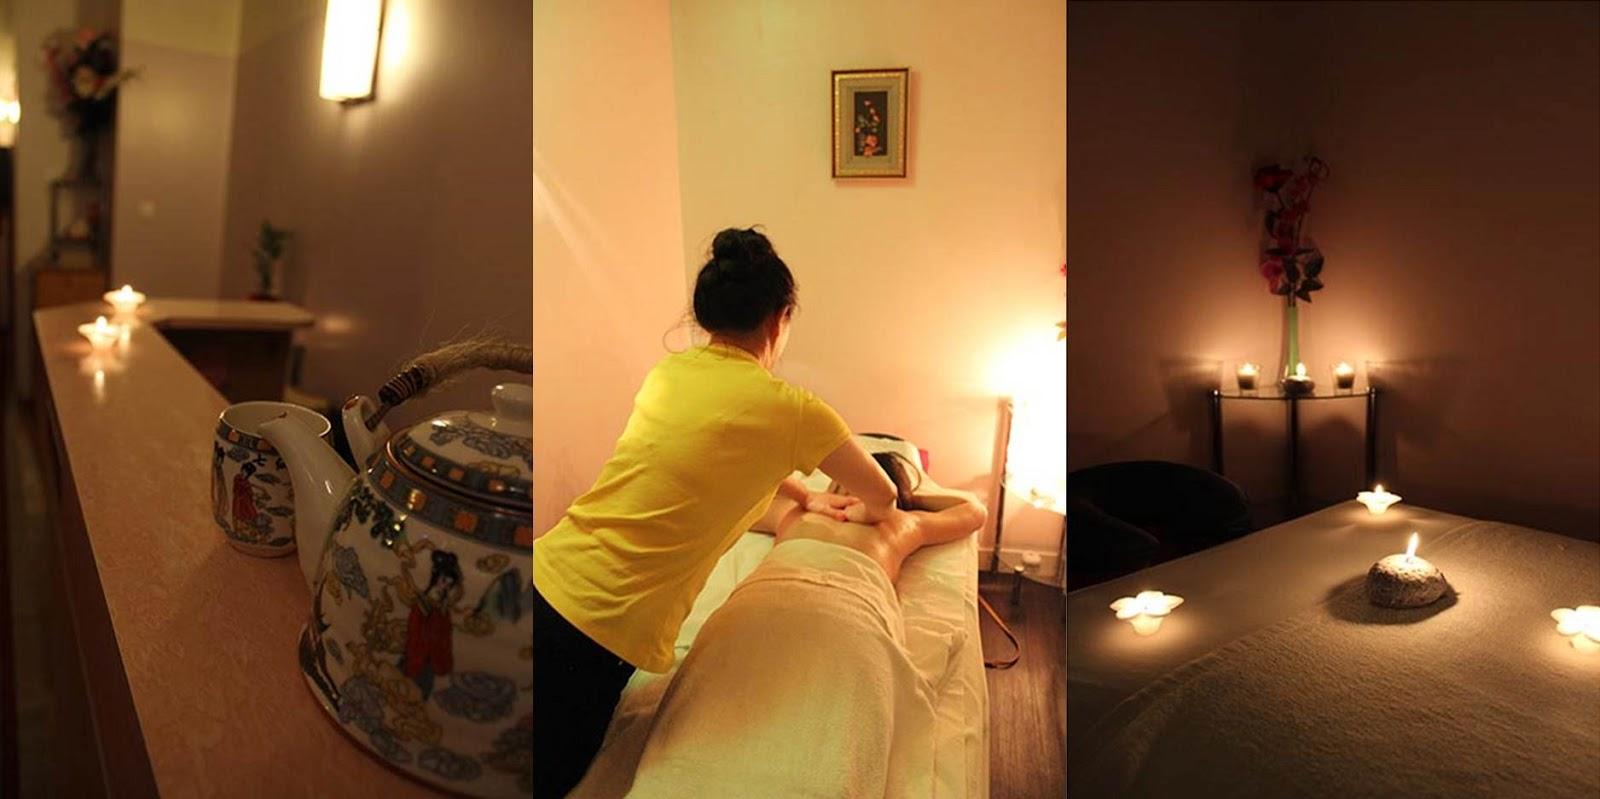 D maquillages blog beaut 01 06 13 - Salon massage chinois paris 13 ...